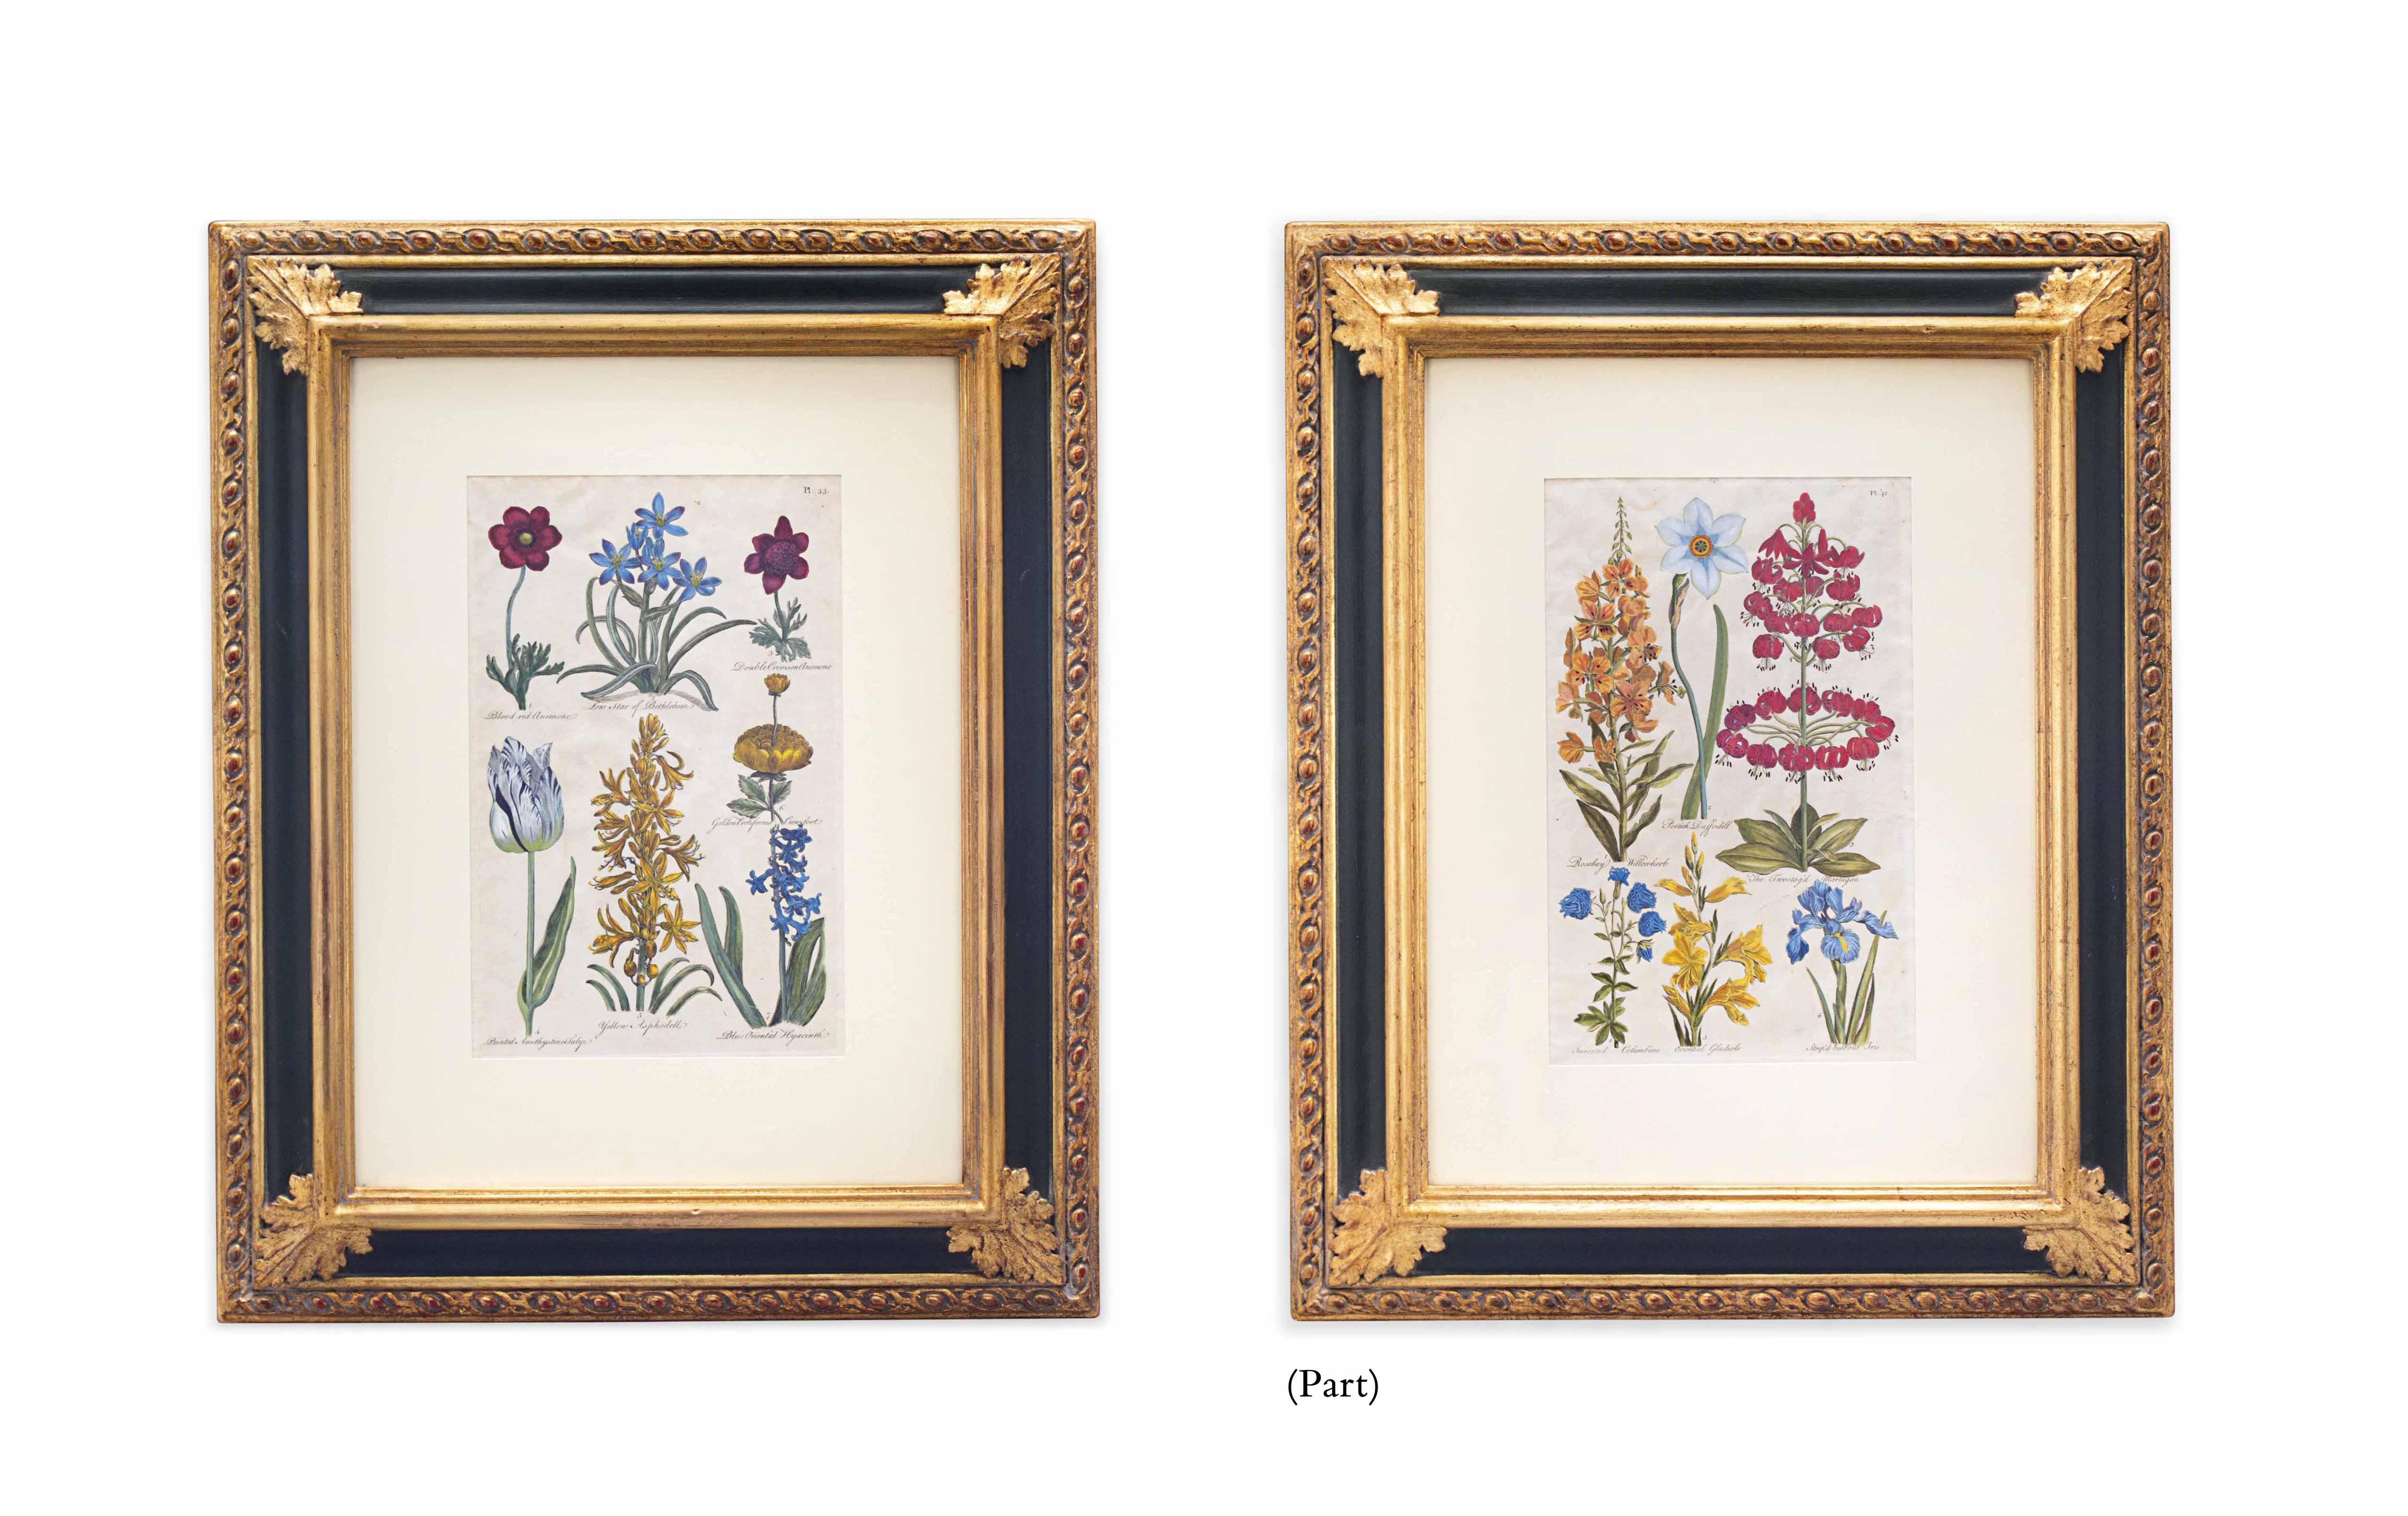 EIGHT BOTANICAL ENGRAVINGS OF FLOWERING PLANTS